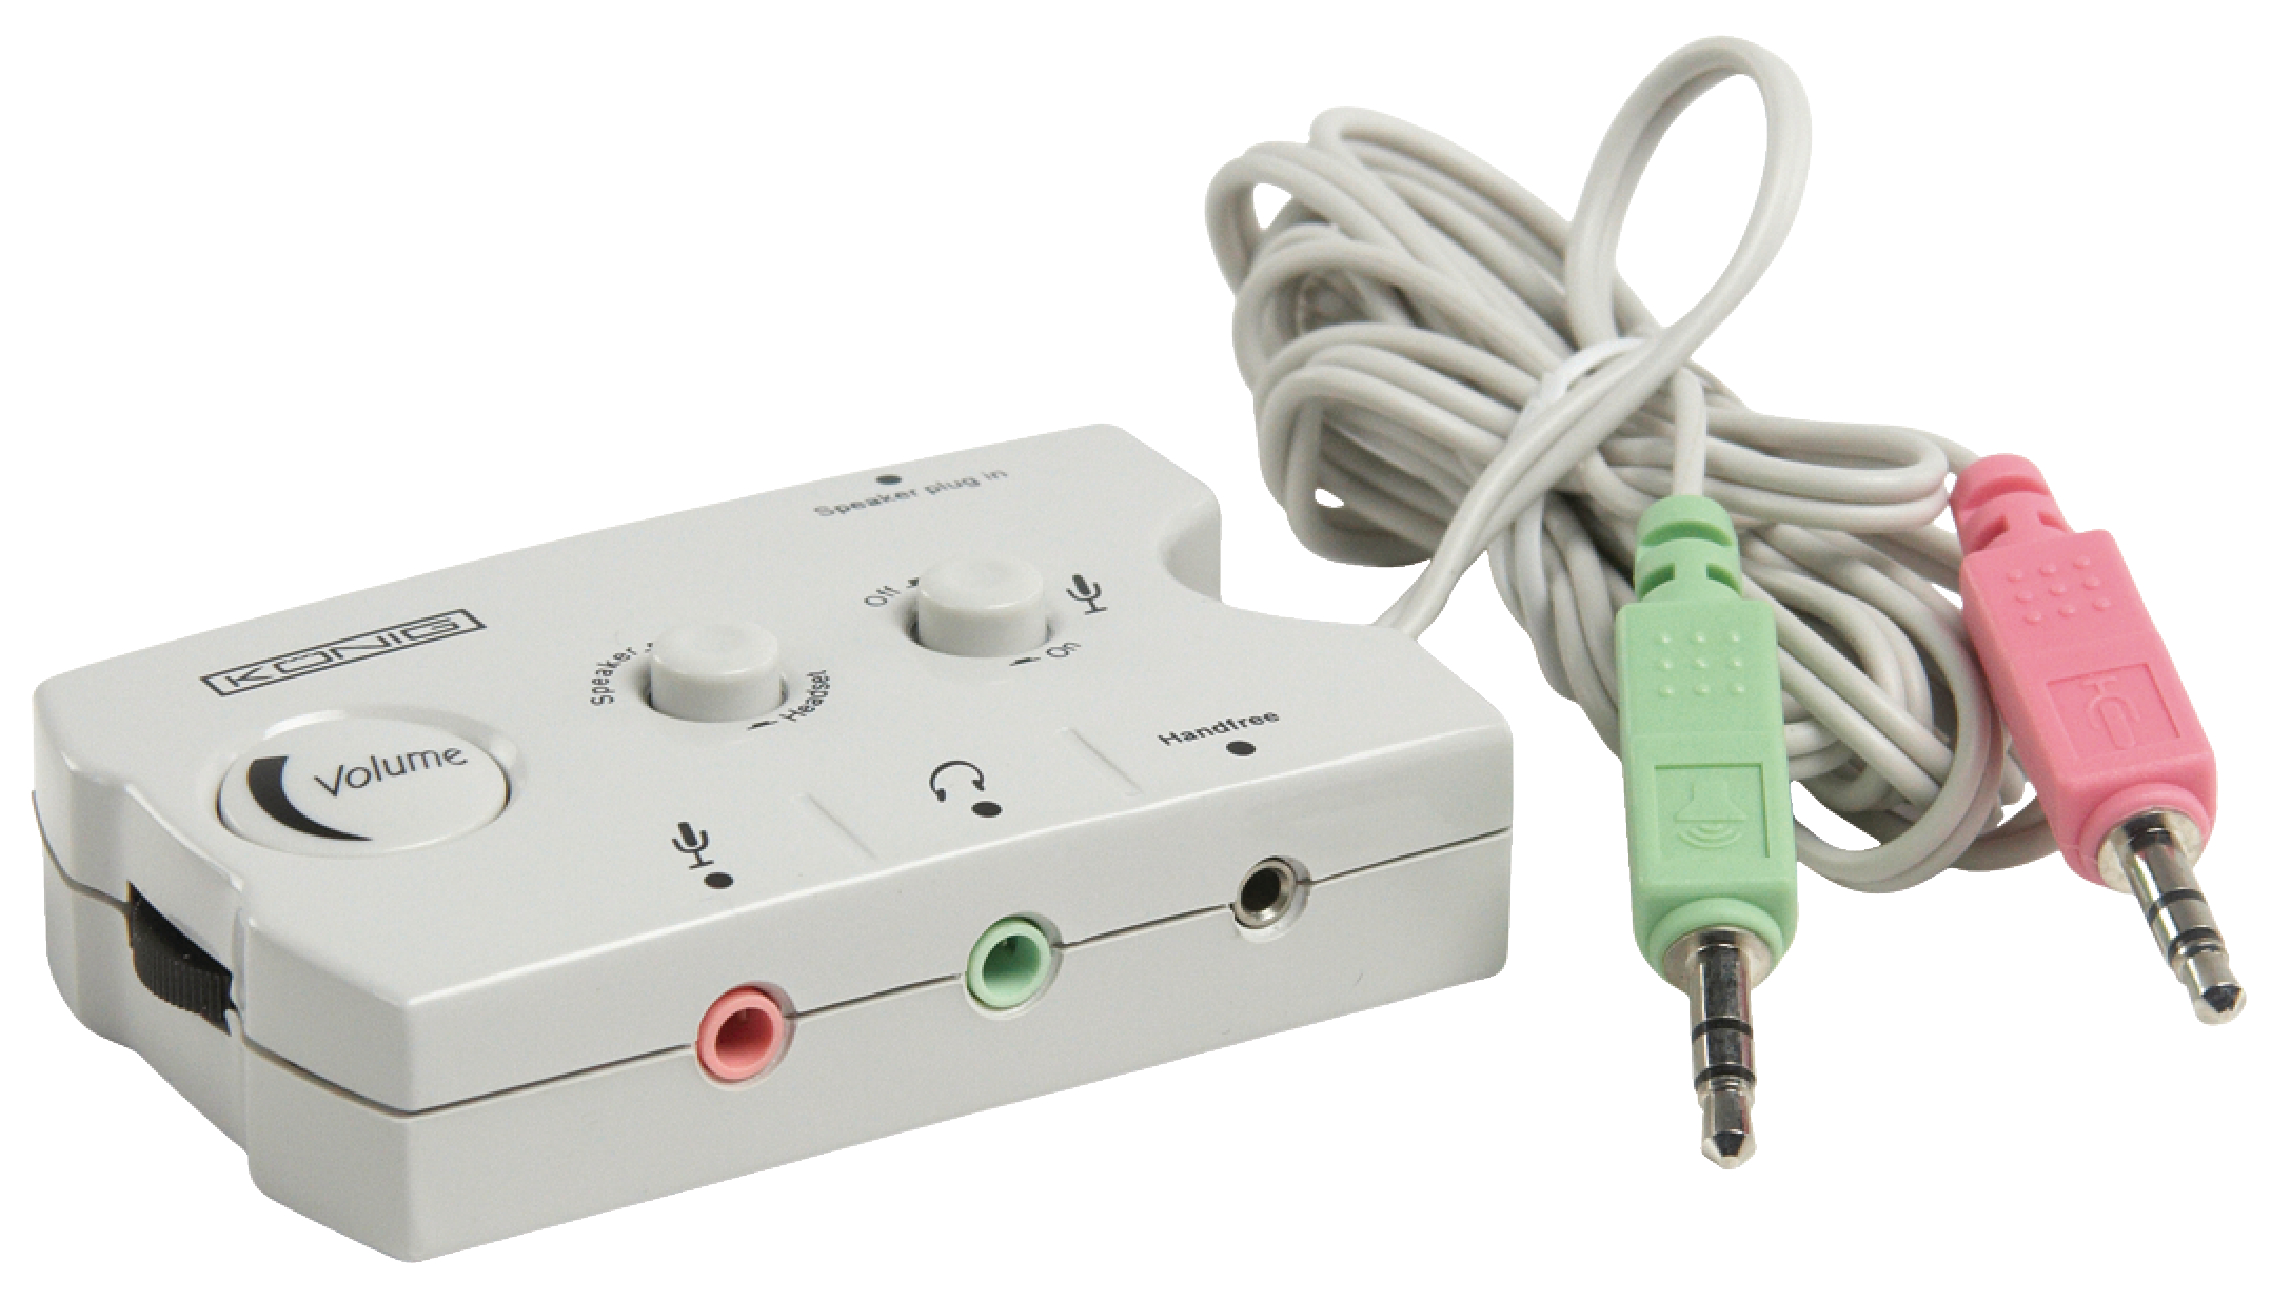 Analogový audio přepínač s regulací hlasitosti pro PC repro, sluchátka a mikrofon König CMP-SWITCH17